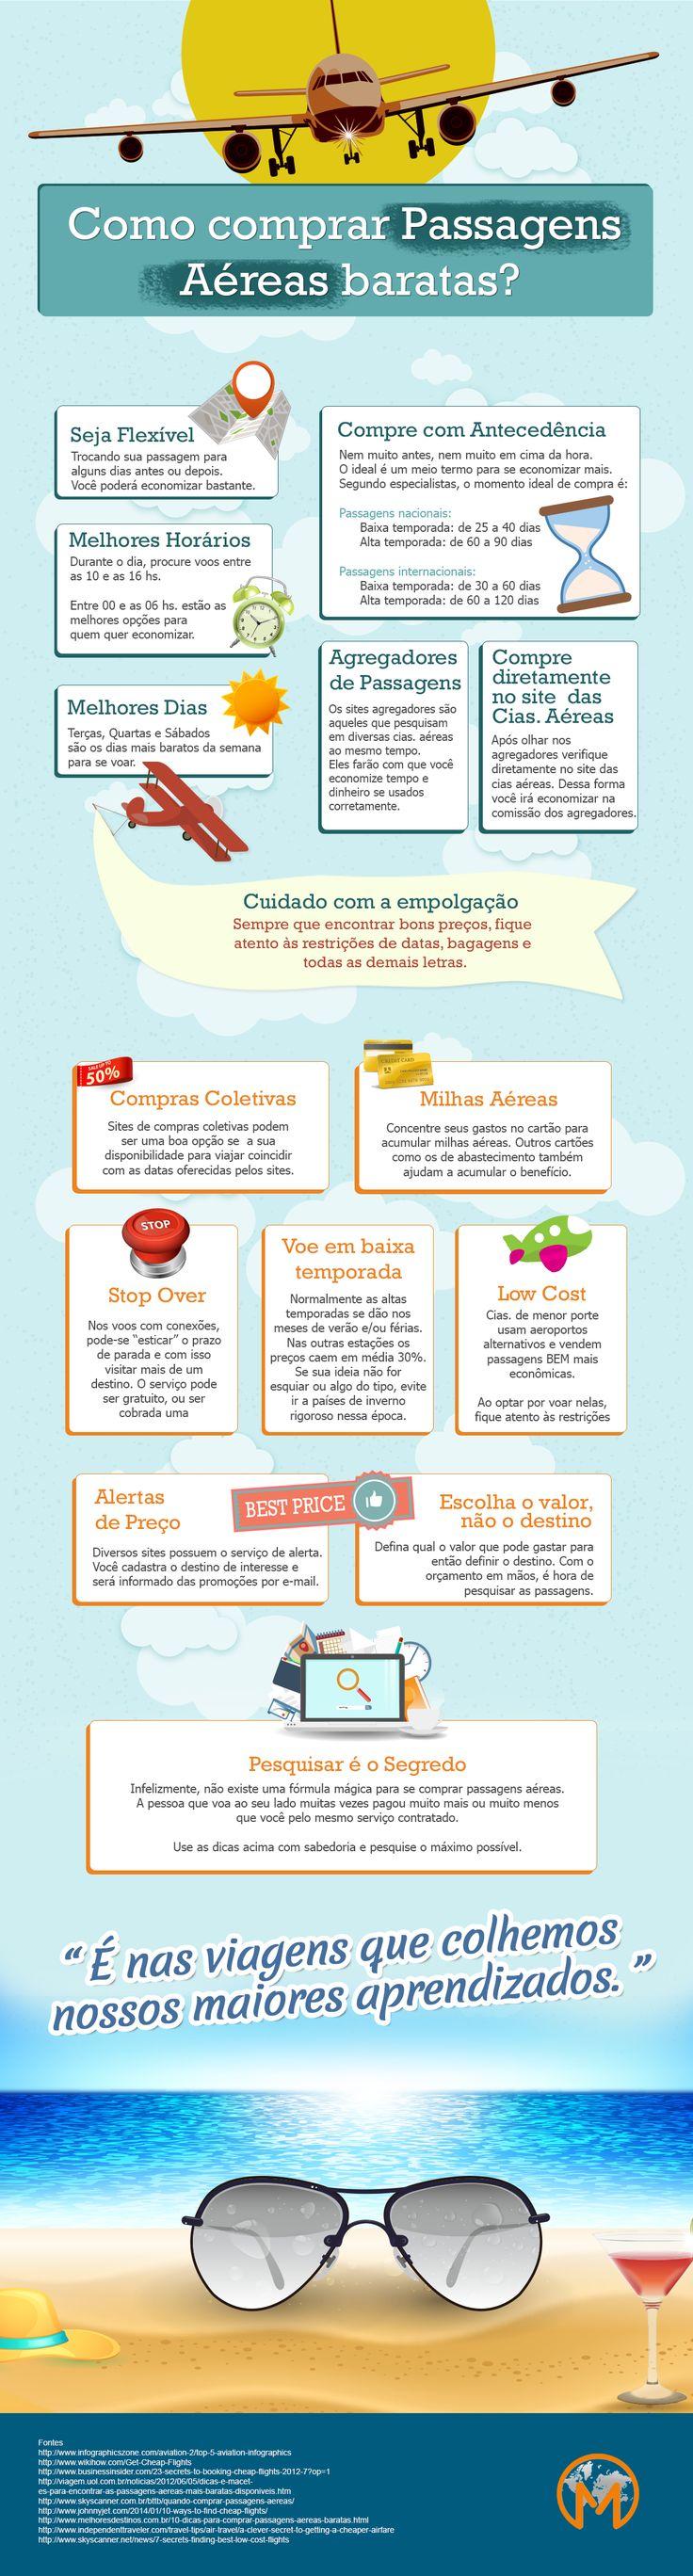 Como comprar - PASSAGENS AÉREAS BARATAS - INFOGRÁFICO — Dicas simples e poderosas para rodar o mundo.  Passagens aéreas baratas